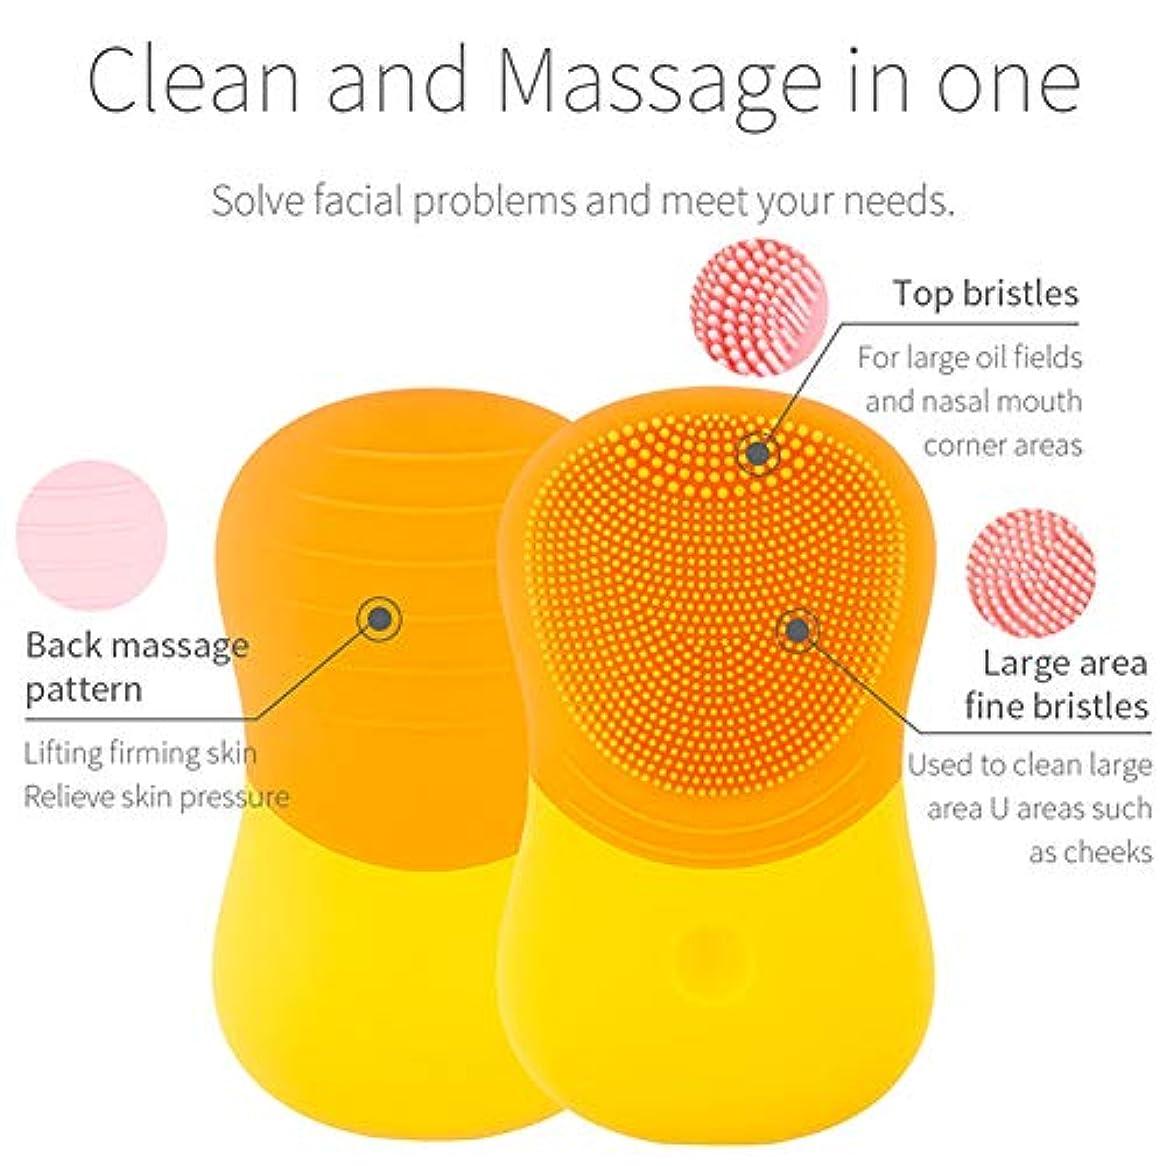 気候の山韓国達成フェイスクレンザーブラシ、防水ミニスキンスクラバーマッサージャーシリコーン電気ディープ洗顔、毛穴クリーナーエクスフォリエイティング、ブラックヘッド、ディープクレンジングスキンケアを削除します (Color : 黄)